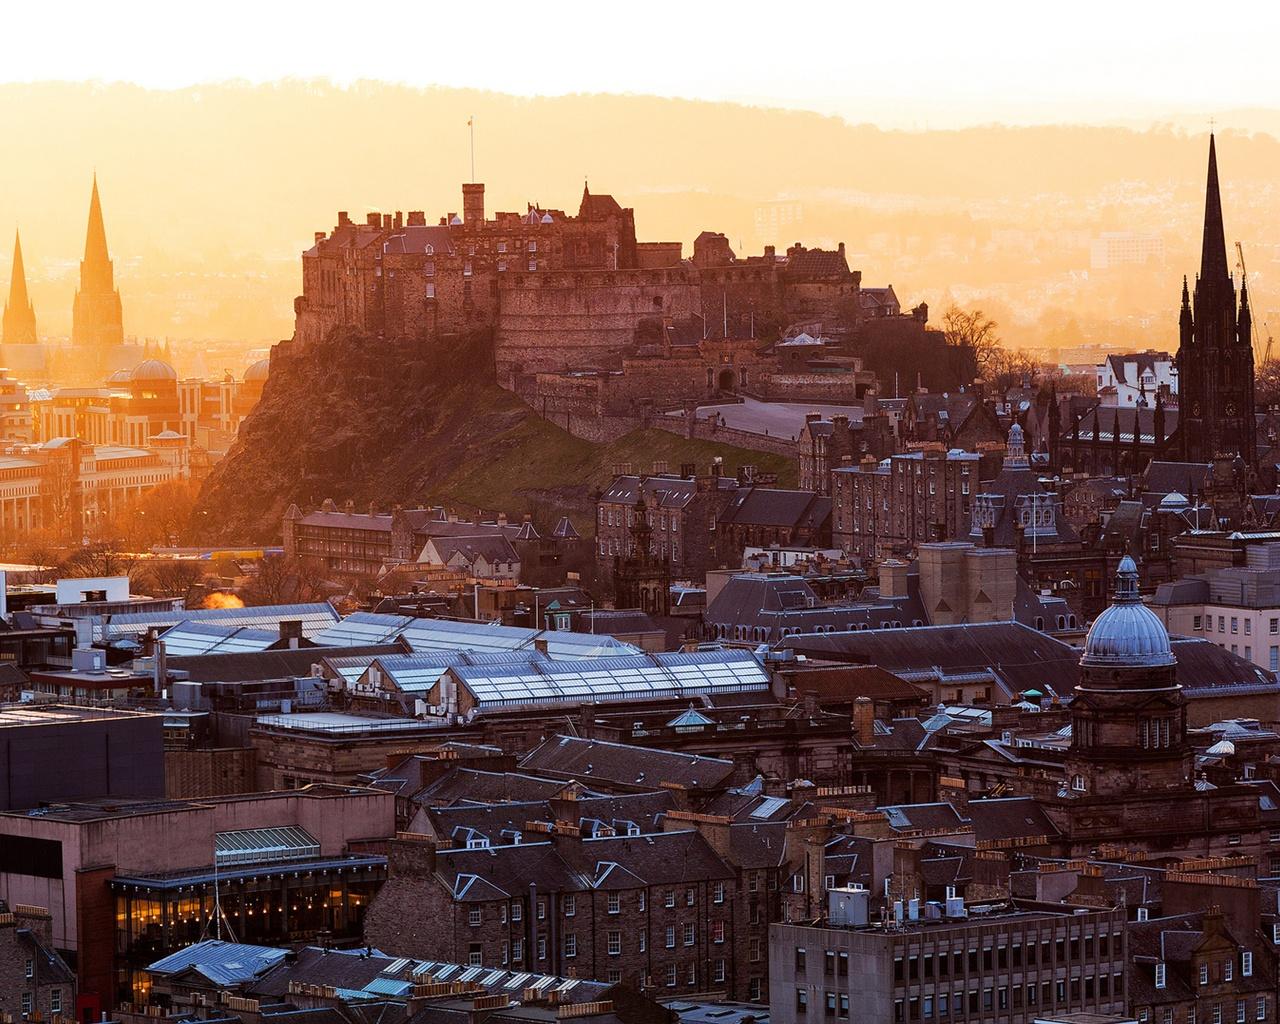 Обои Облака, эдинбург, Шотландия, свет, дома. Города foto 12